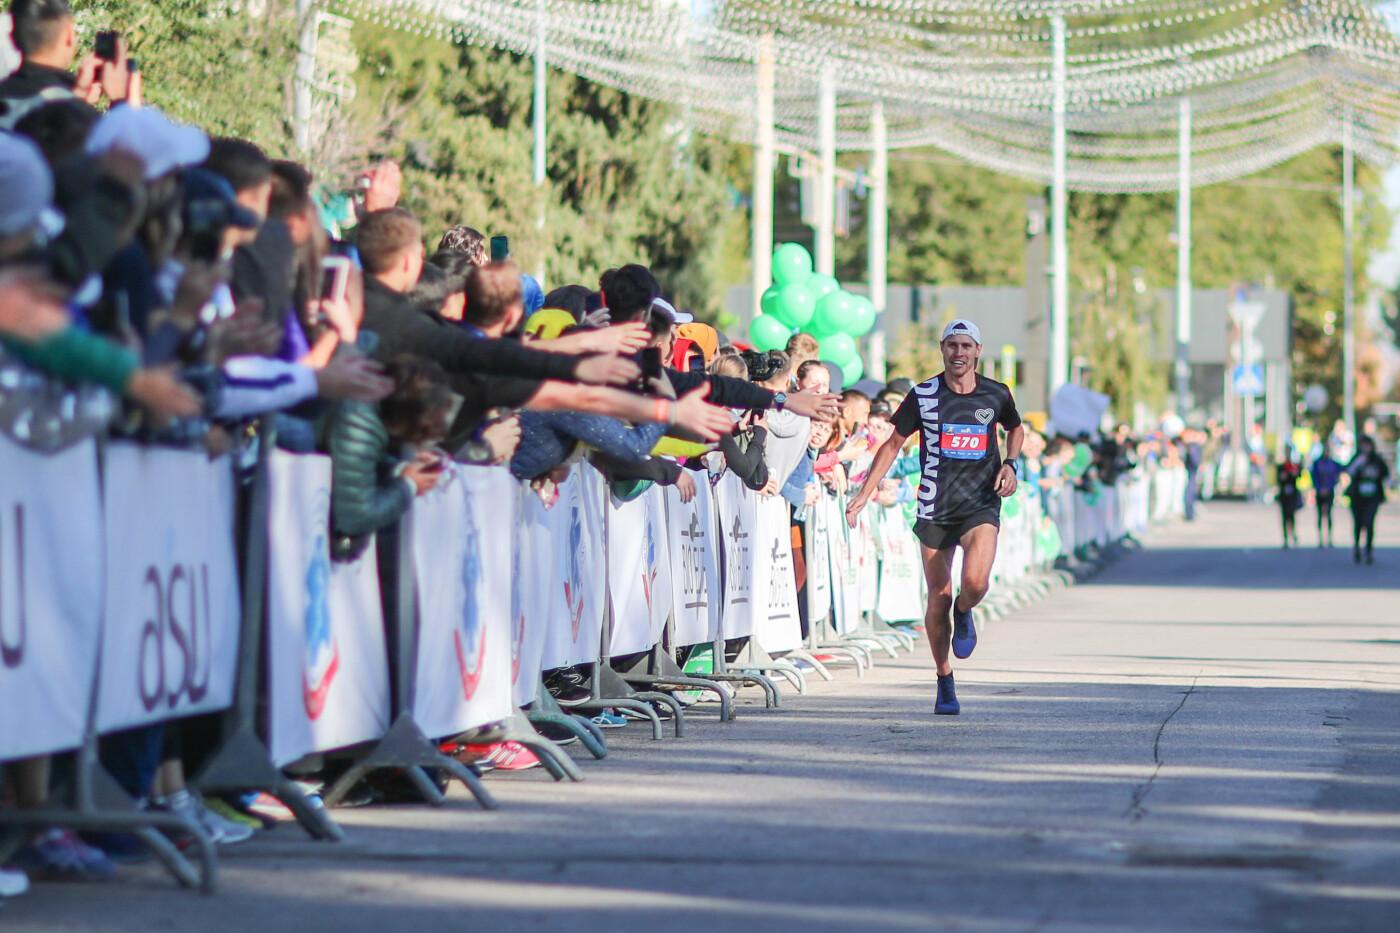 В Алматы состоялся полумарафон спортсменов-любителей (фото), фото-1